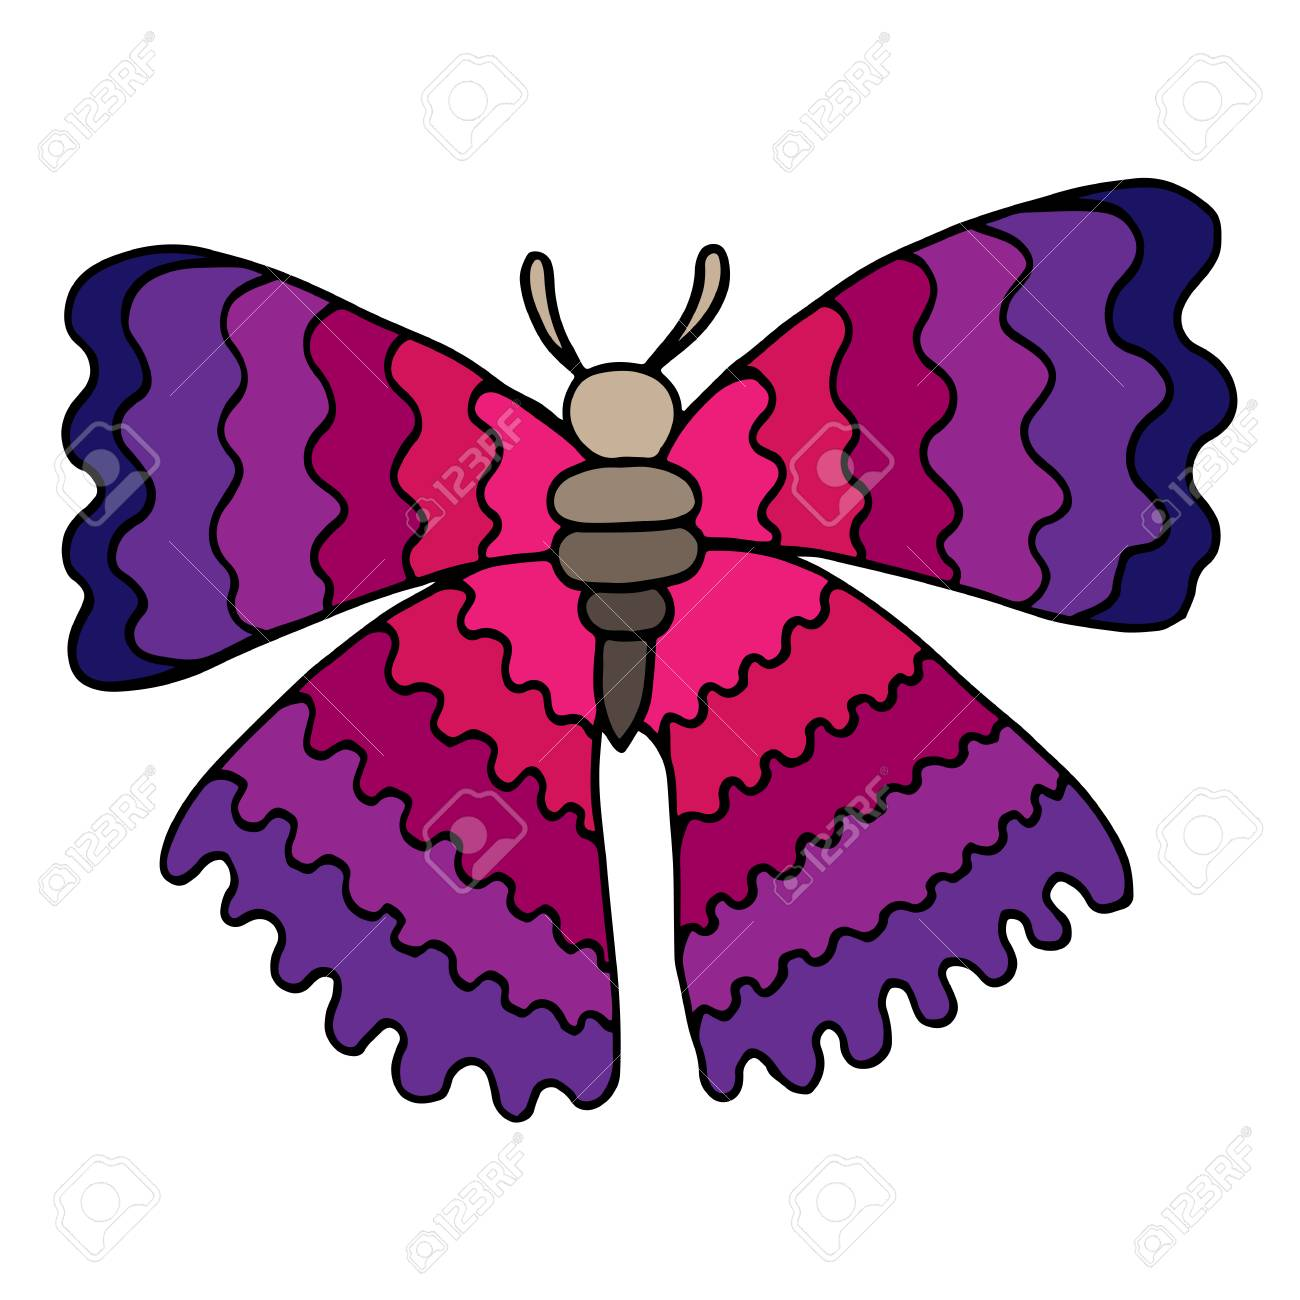 Mariposa Rosa Para Colorear Libro Para Adultos Y Niños Aislados En ...